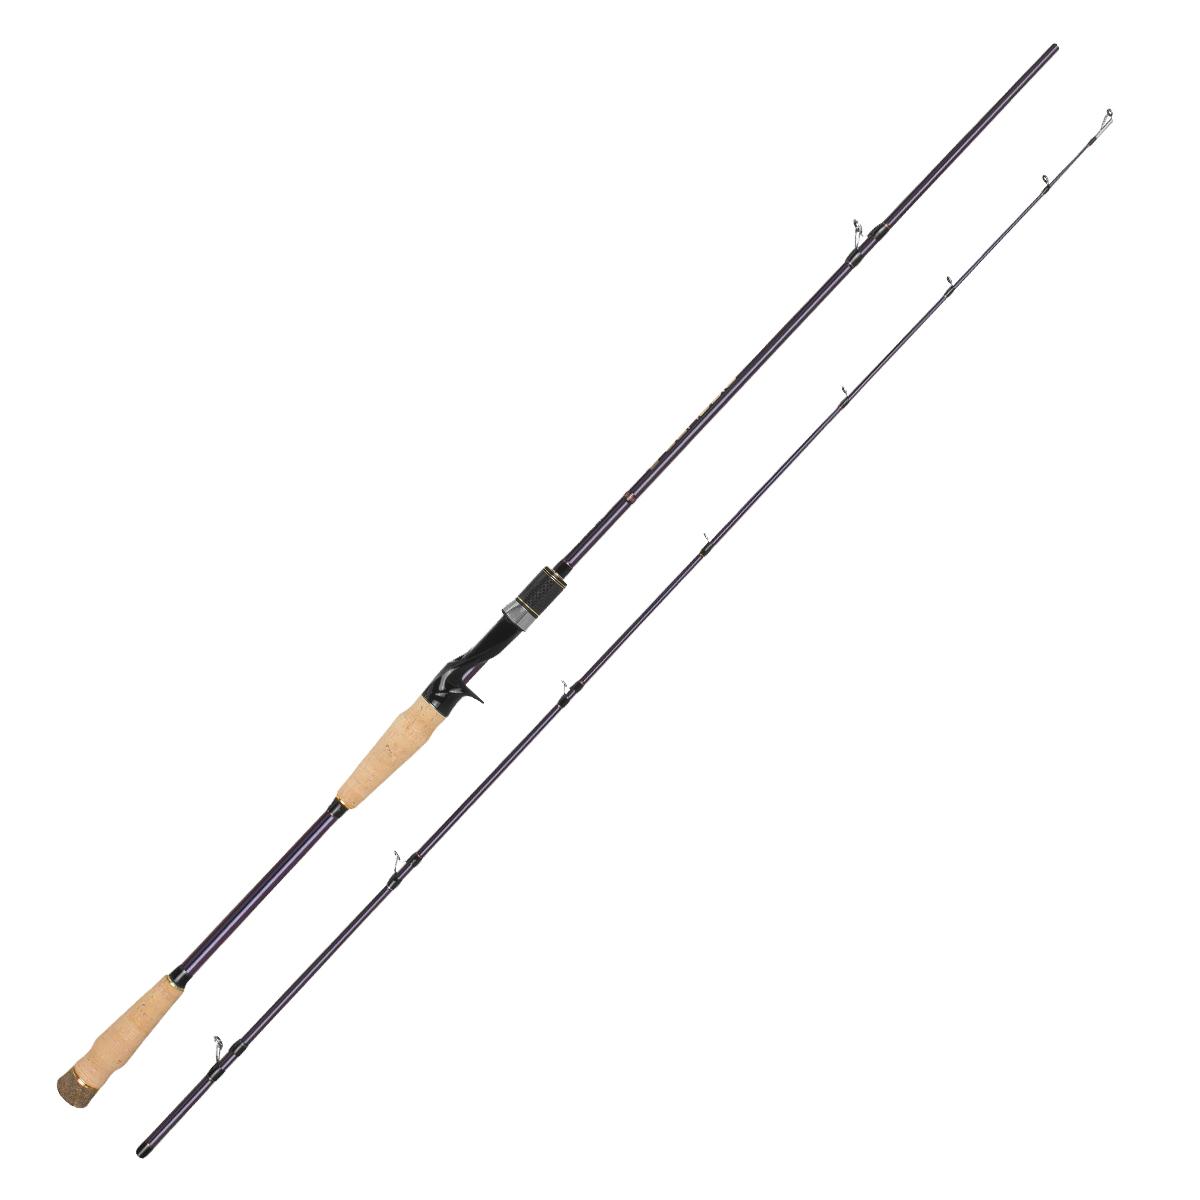 Vara Saint New Classic p/ Carretilha 2,40 m 50 lbs (2 partes)  - Pró Pesca Shop